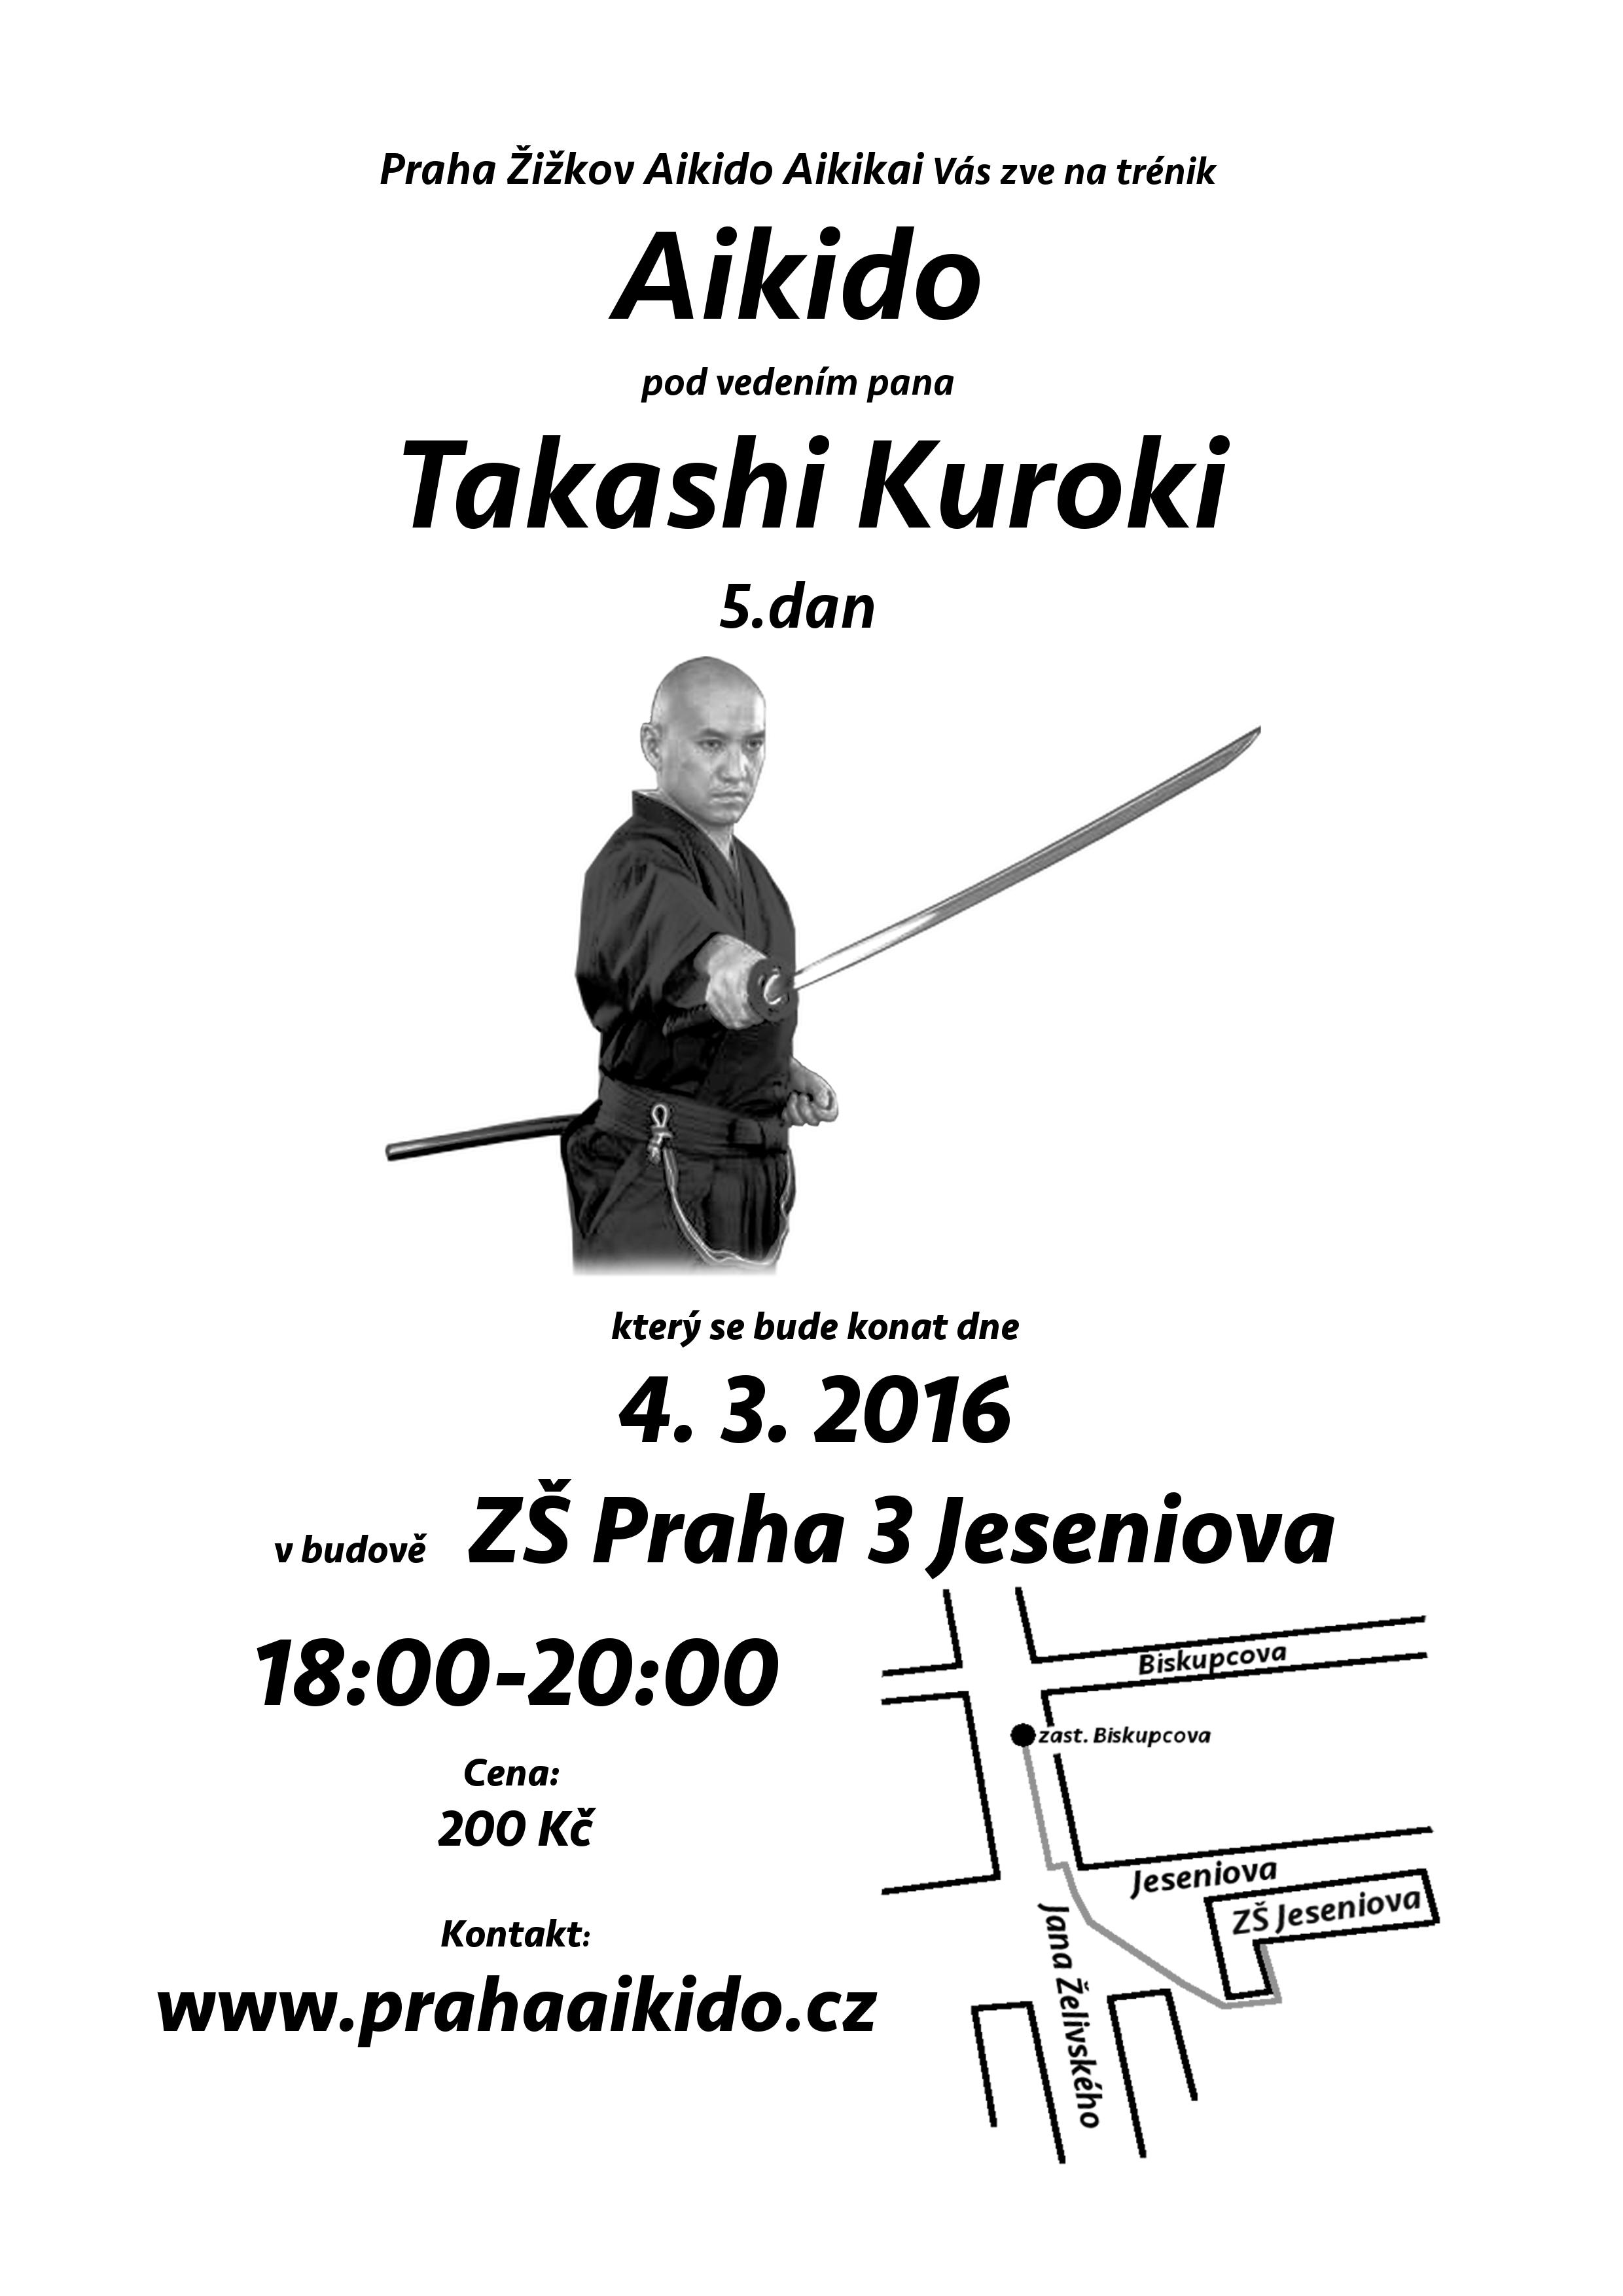 Kuroki-Plakat-03-2016